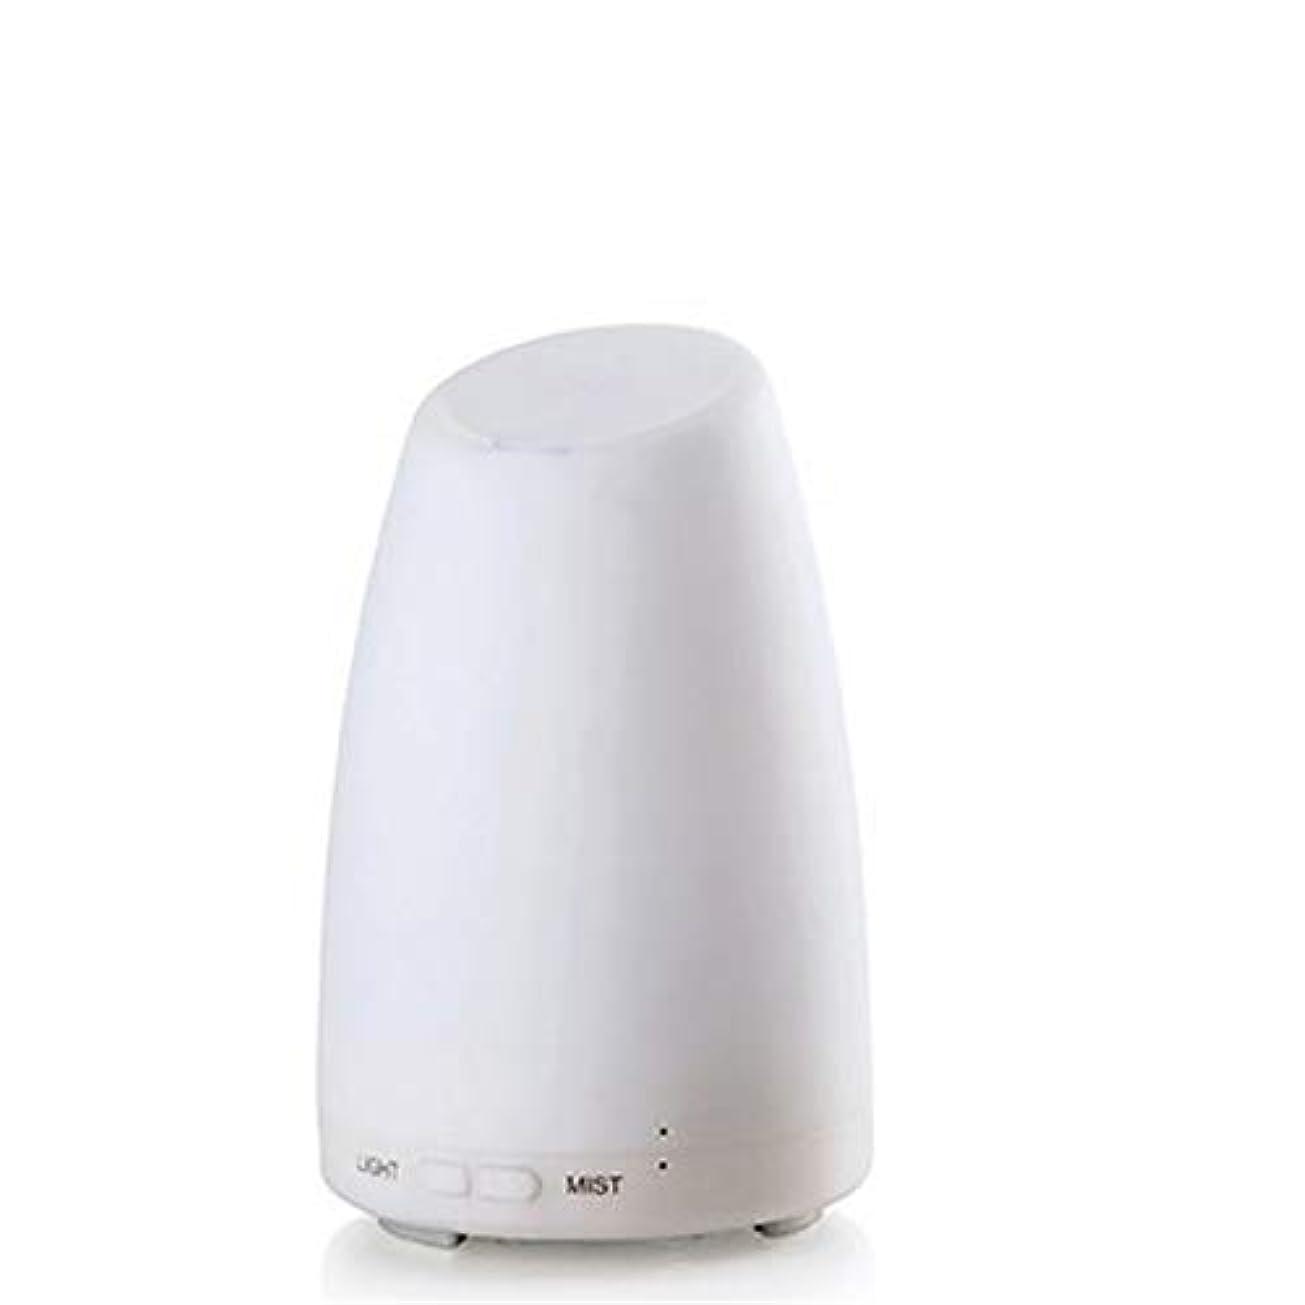 め言葉カトリック教徒武器エッセンシャルオイルディフューザー、霧コントロール4h 使用、低水自動シャットダウン、7種類の LED ライト、家庭、オフィス、寝室、家族のベビールームとの超音波 100 ml アロマディフューザー